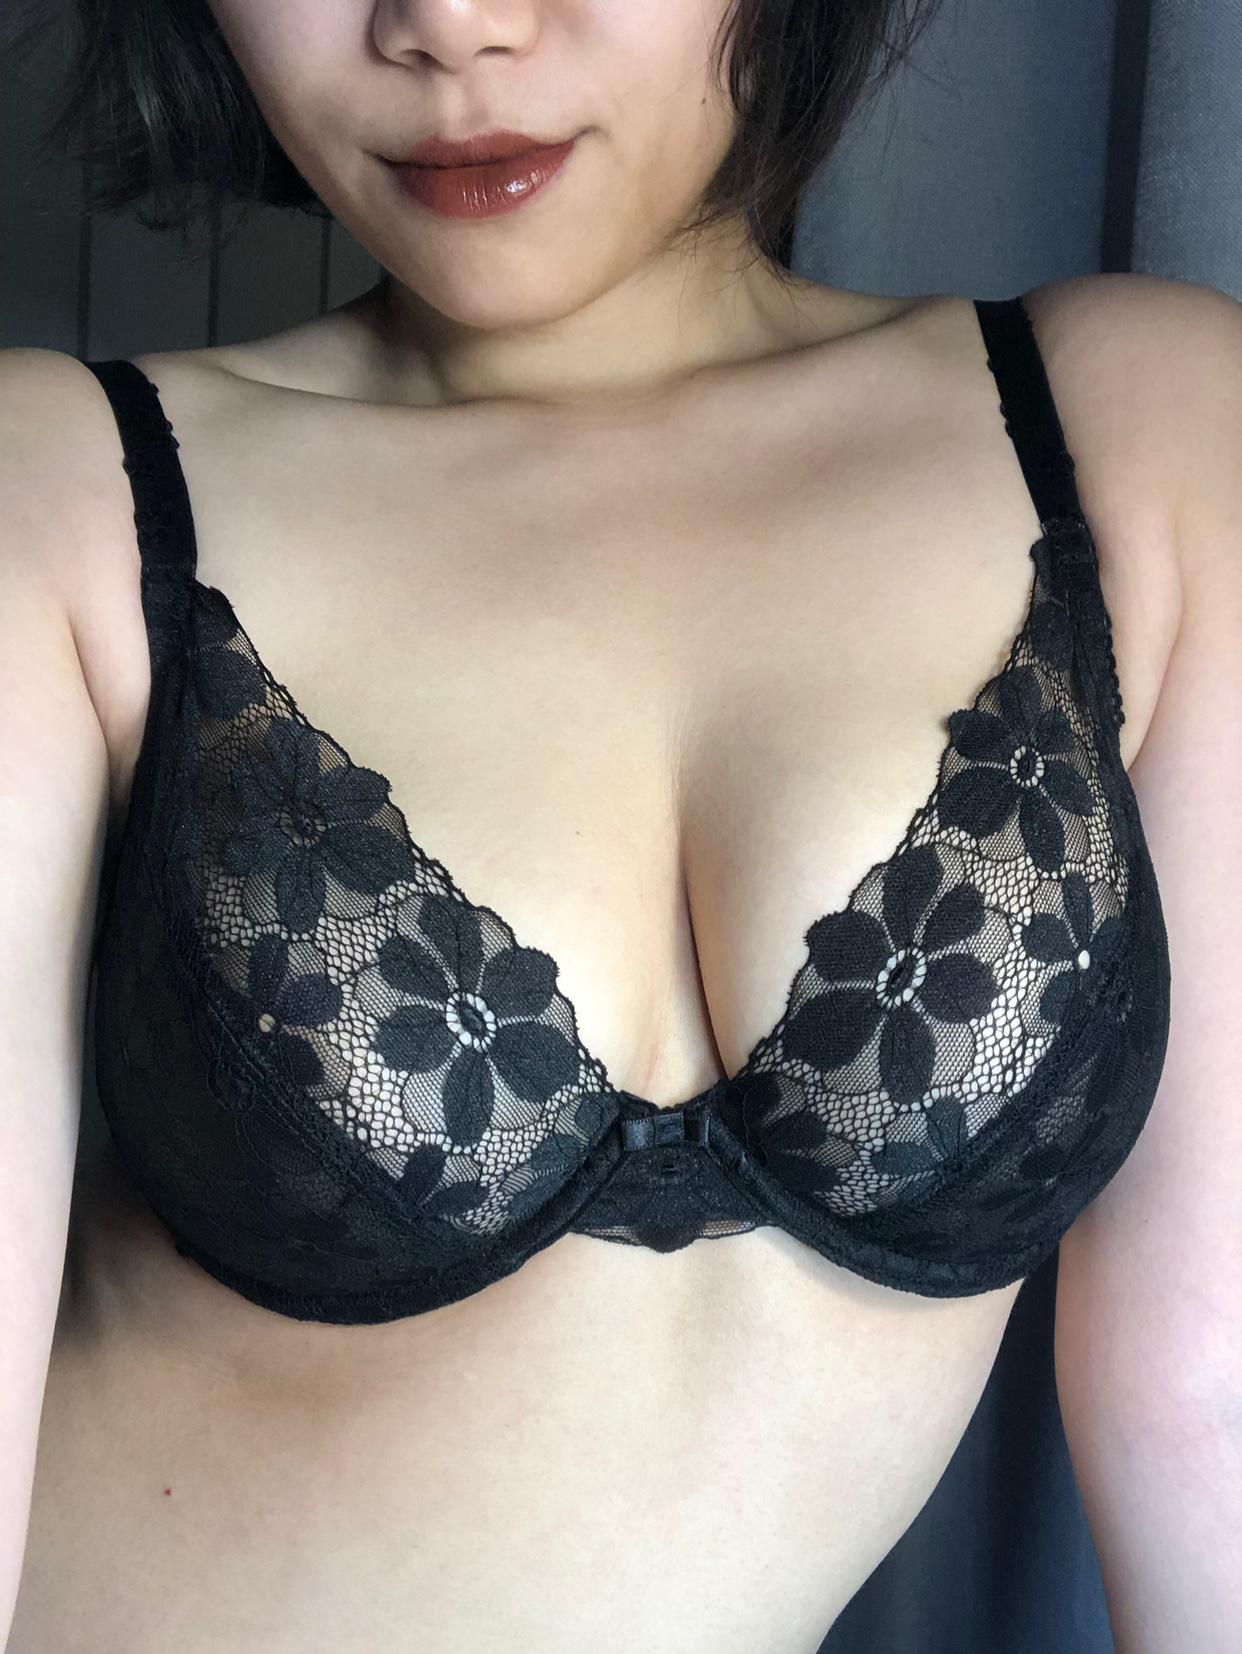 夏娃的诱惑绽放性感大胸显小内衣买家秀图片